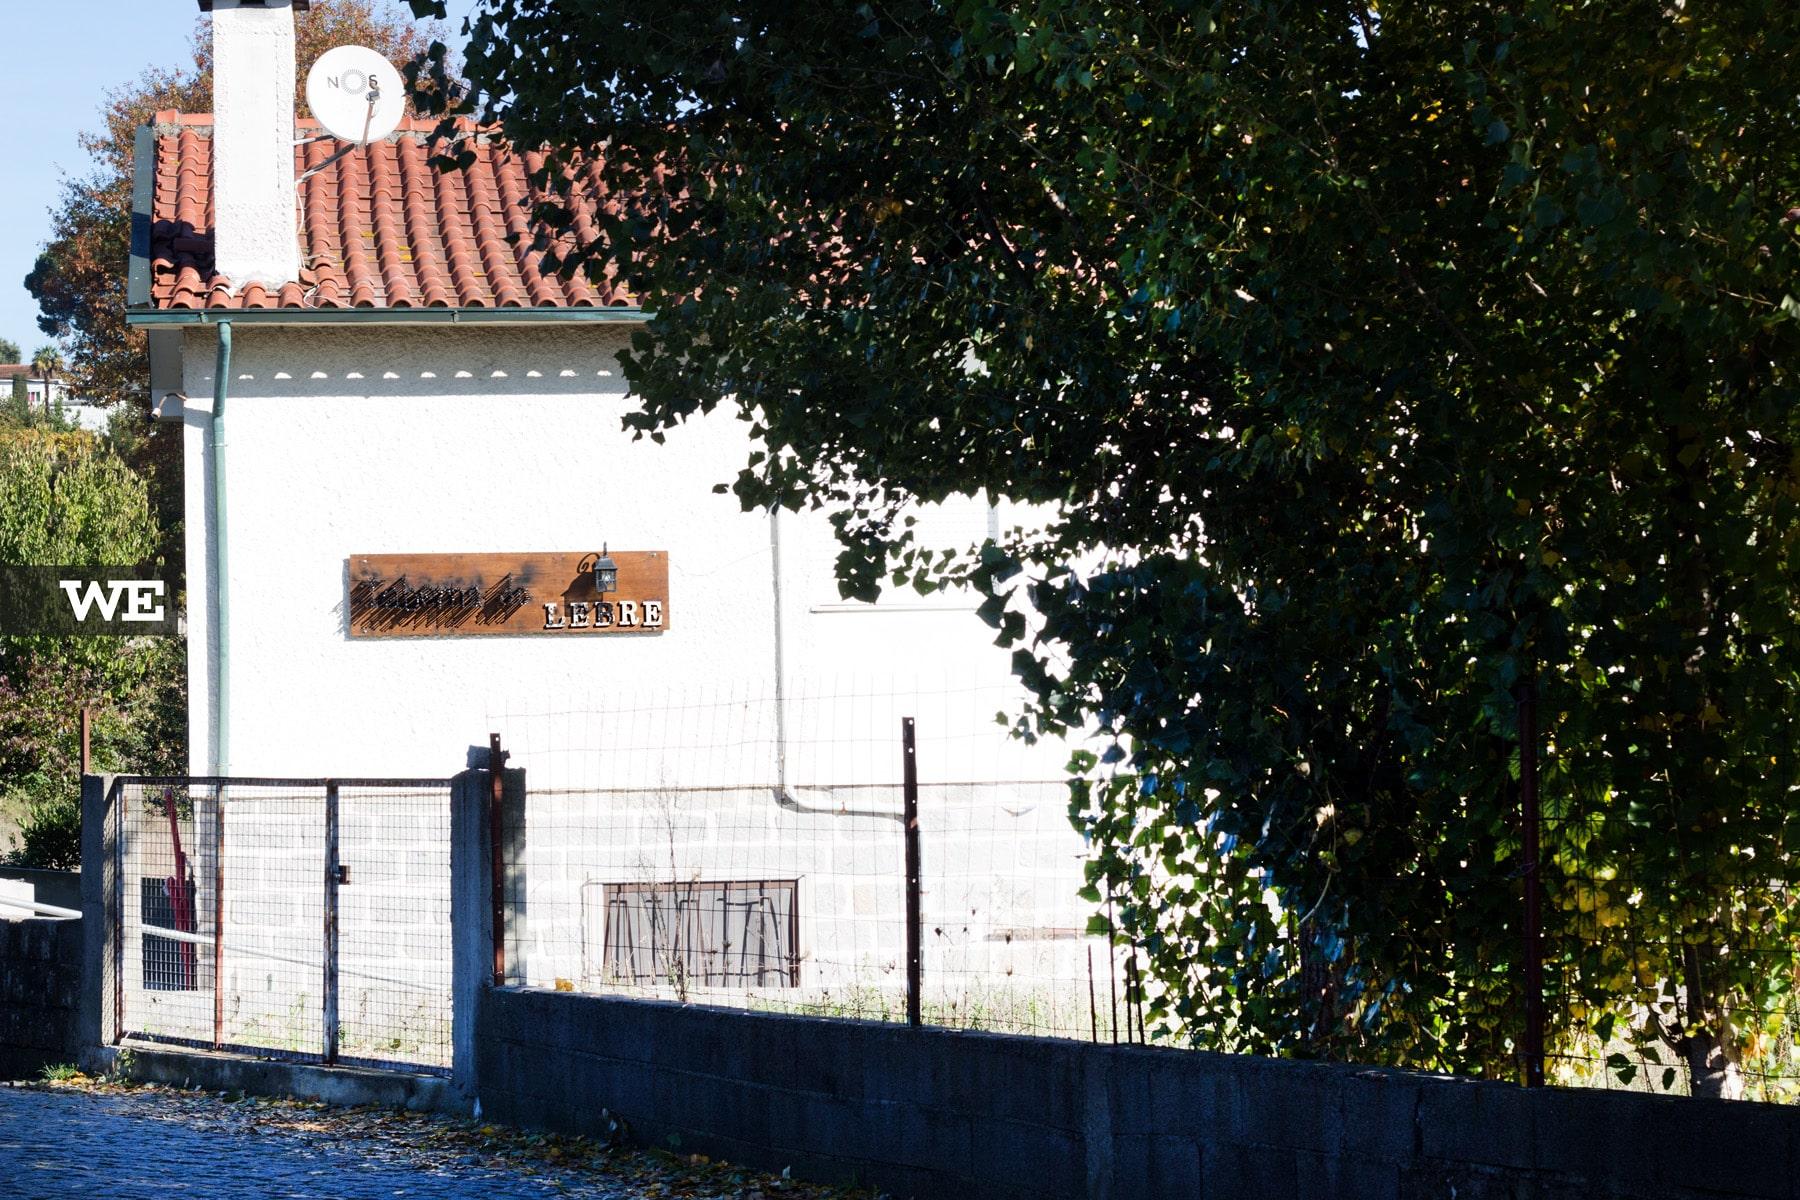 Taberna do Lebre Tascos em Braga